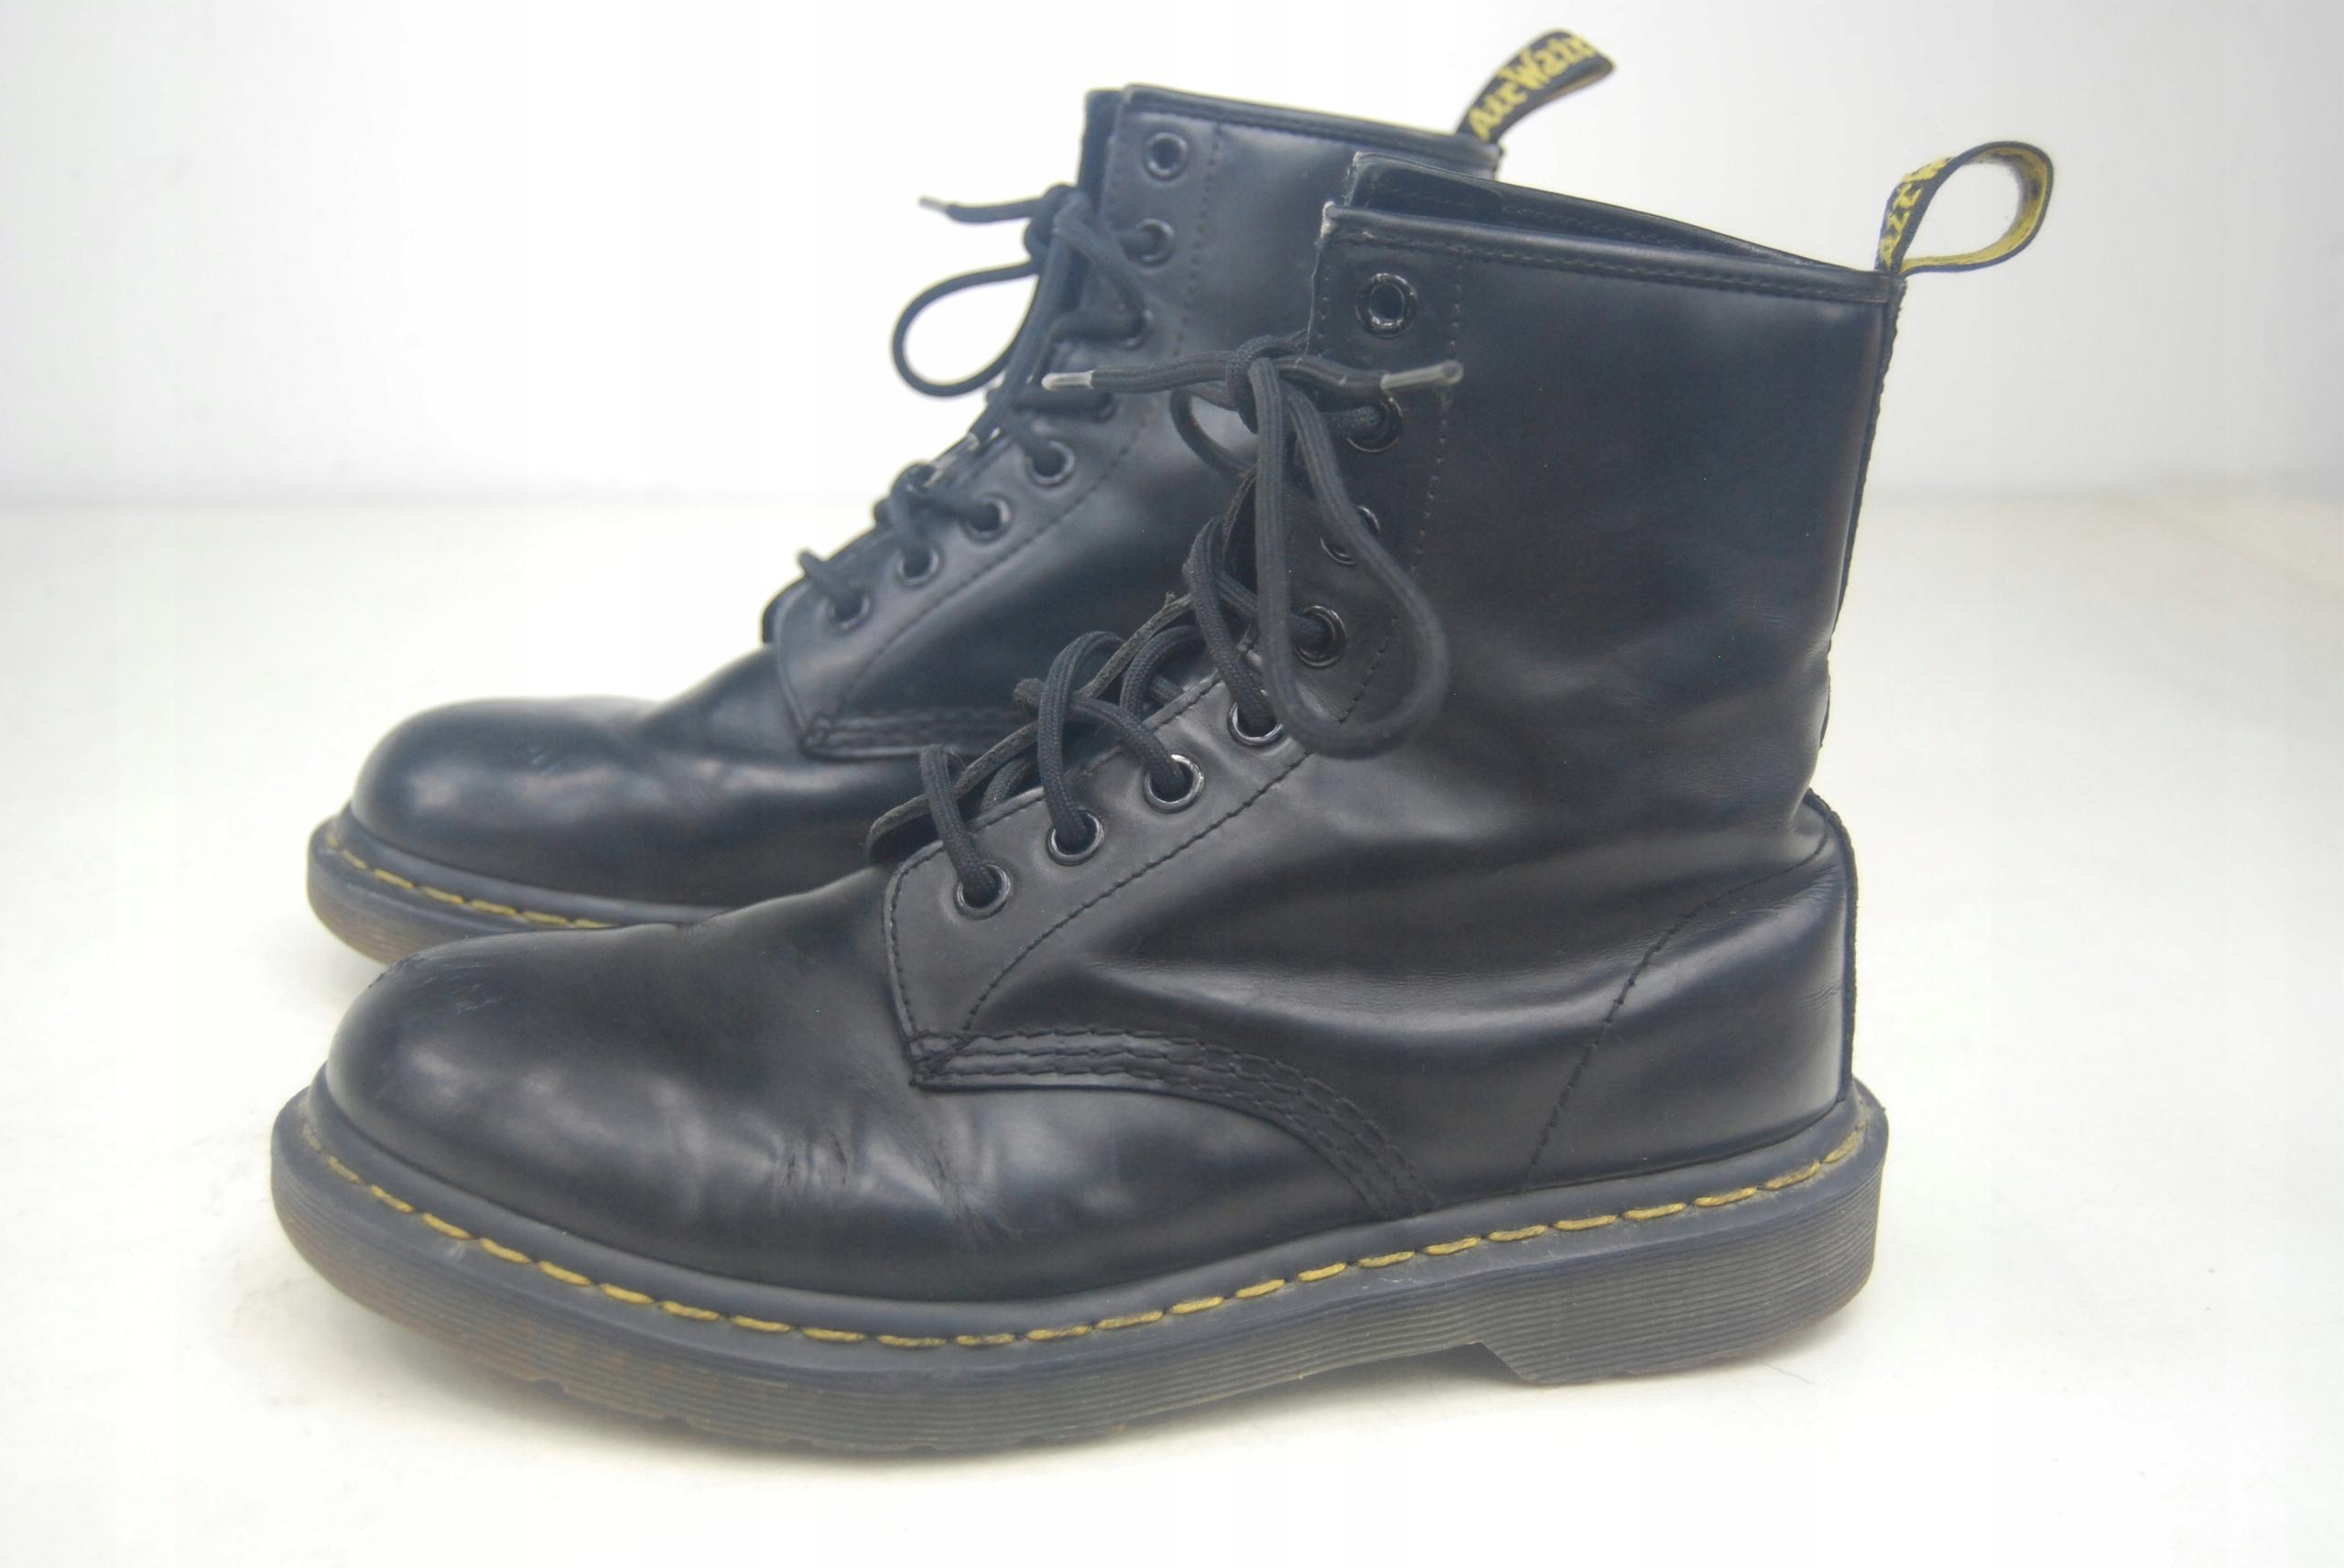 przybywa innowacyjny design buty do separacji Dr martens glany 8 dziurek vegan 38 24,5cm - 7560940626 ...